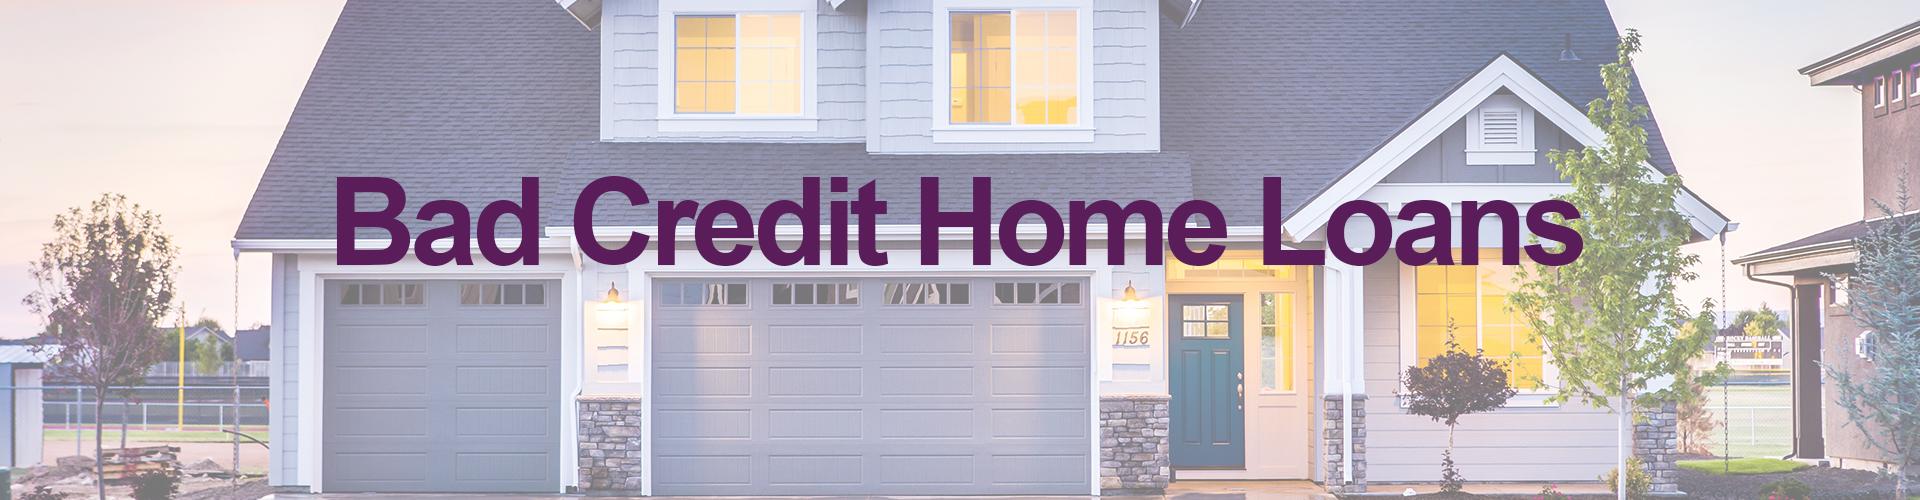 header-bad-credit-home-loans